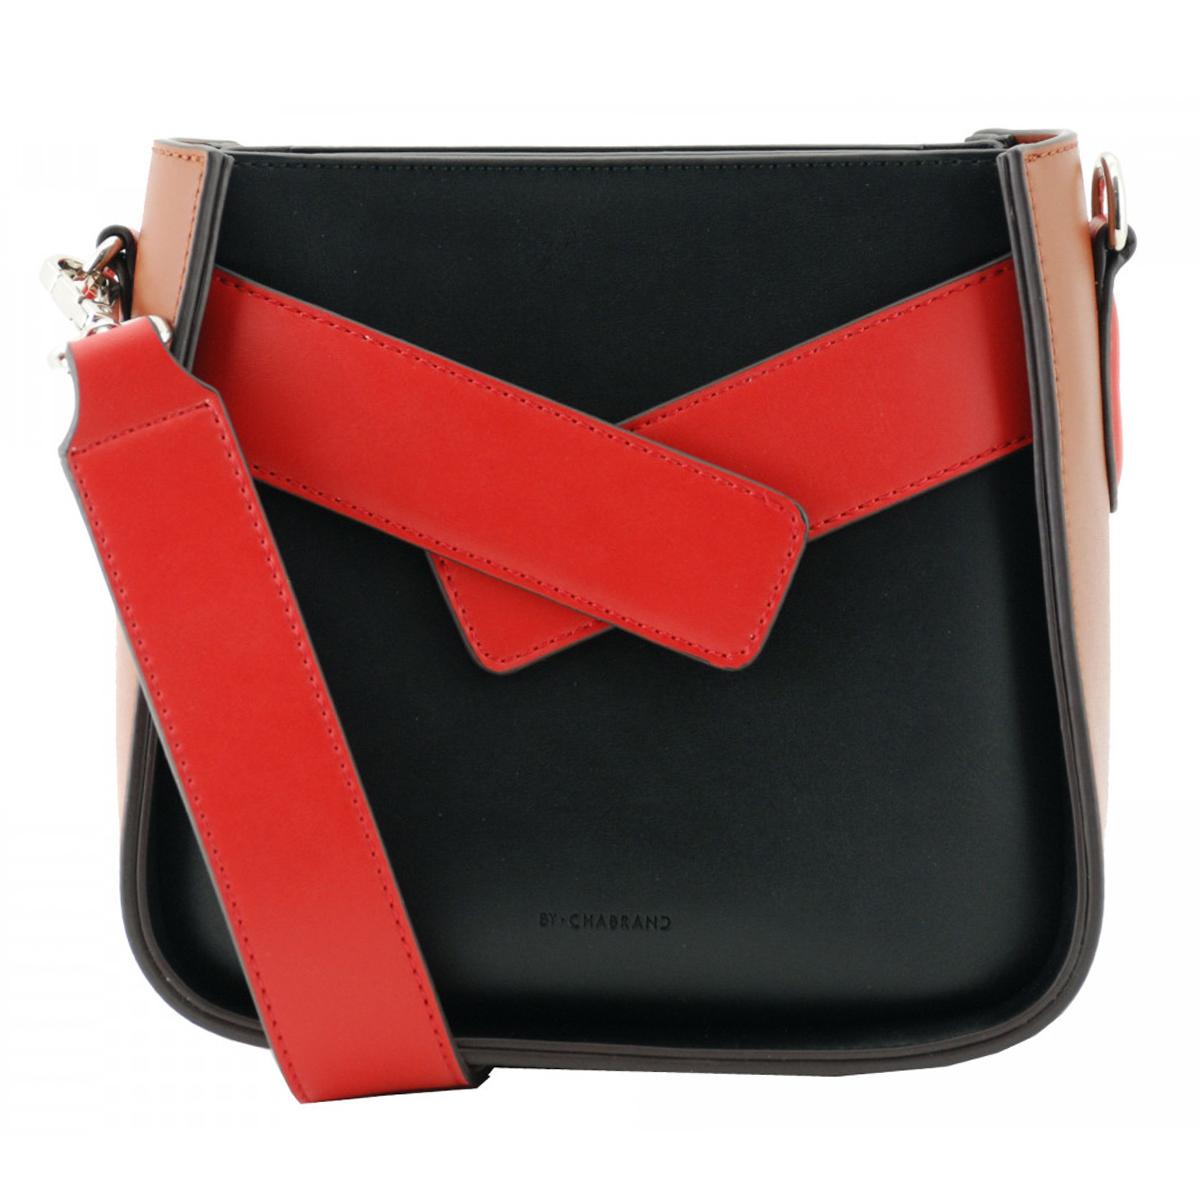 Sac créateur \'Chabrand\' noir rouge marron - 20x19x10 cm - [A0136]